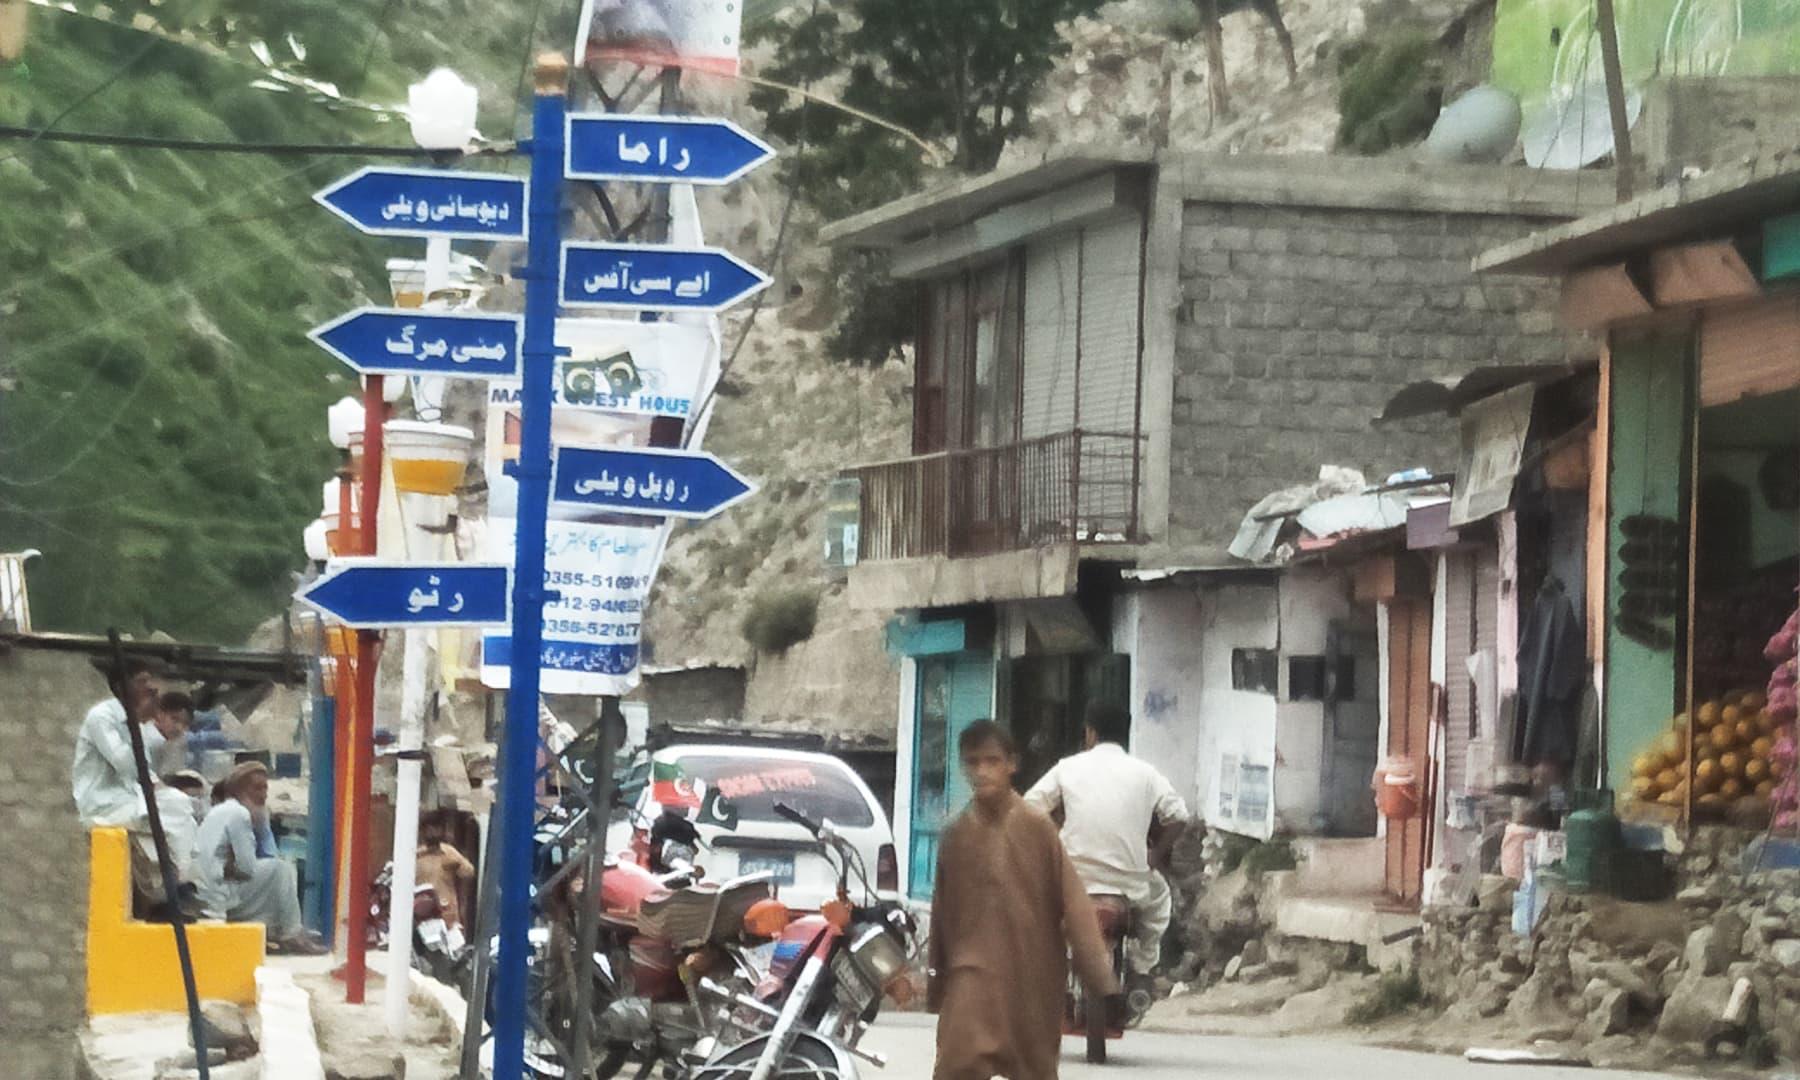 وادی روپل، منی مرگ، راما اور دیوسائی یہاں کے خوبصورت مقامات ہیں—تصویر عظمت اکبر